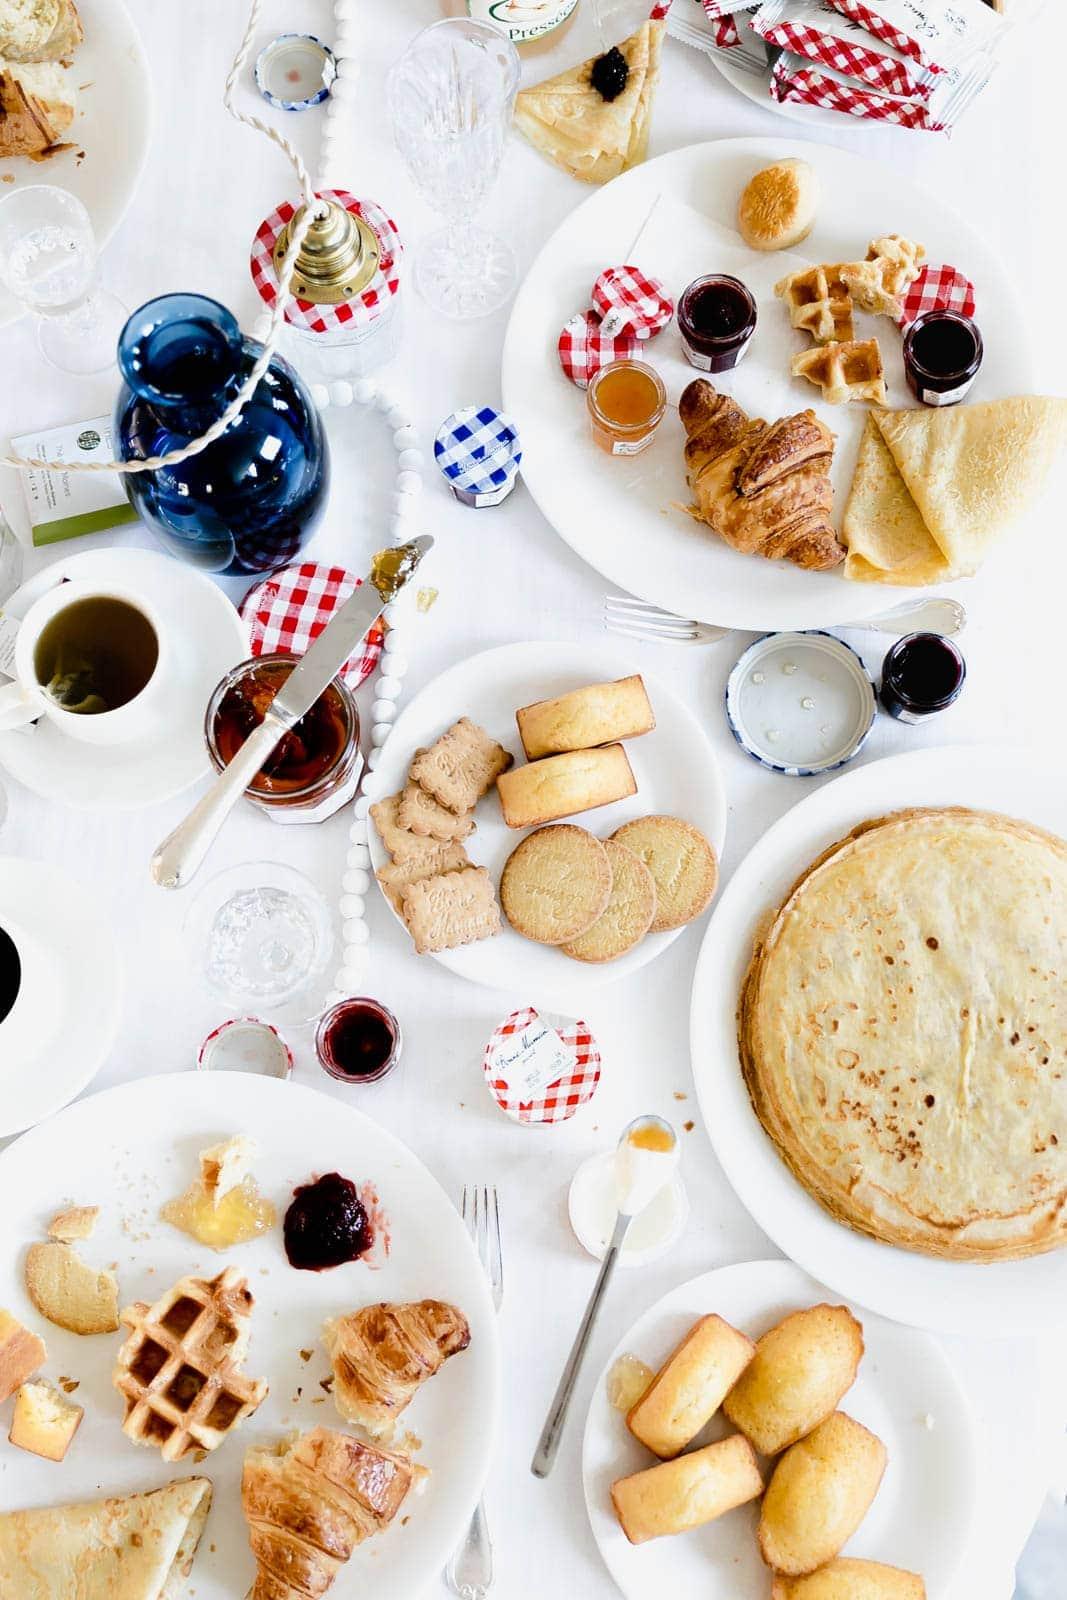 Eating My Way Through Paris with Bonne Maman - Broma Bakery